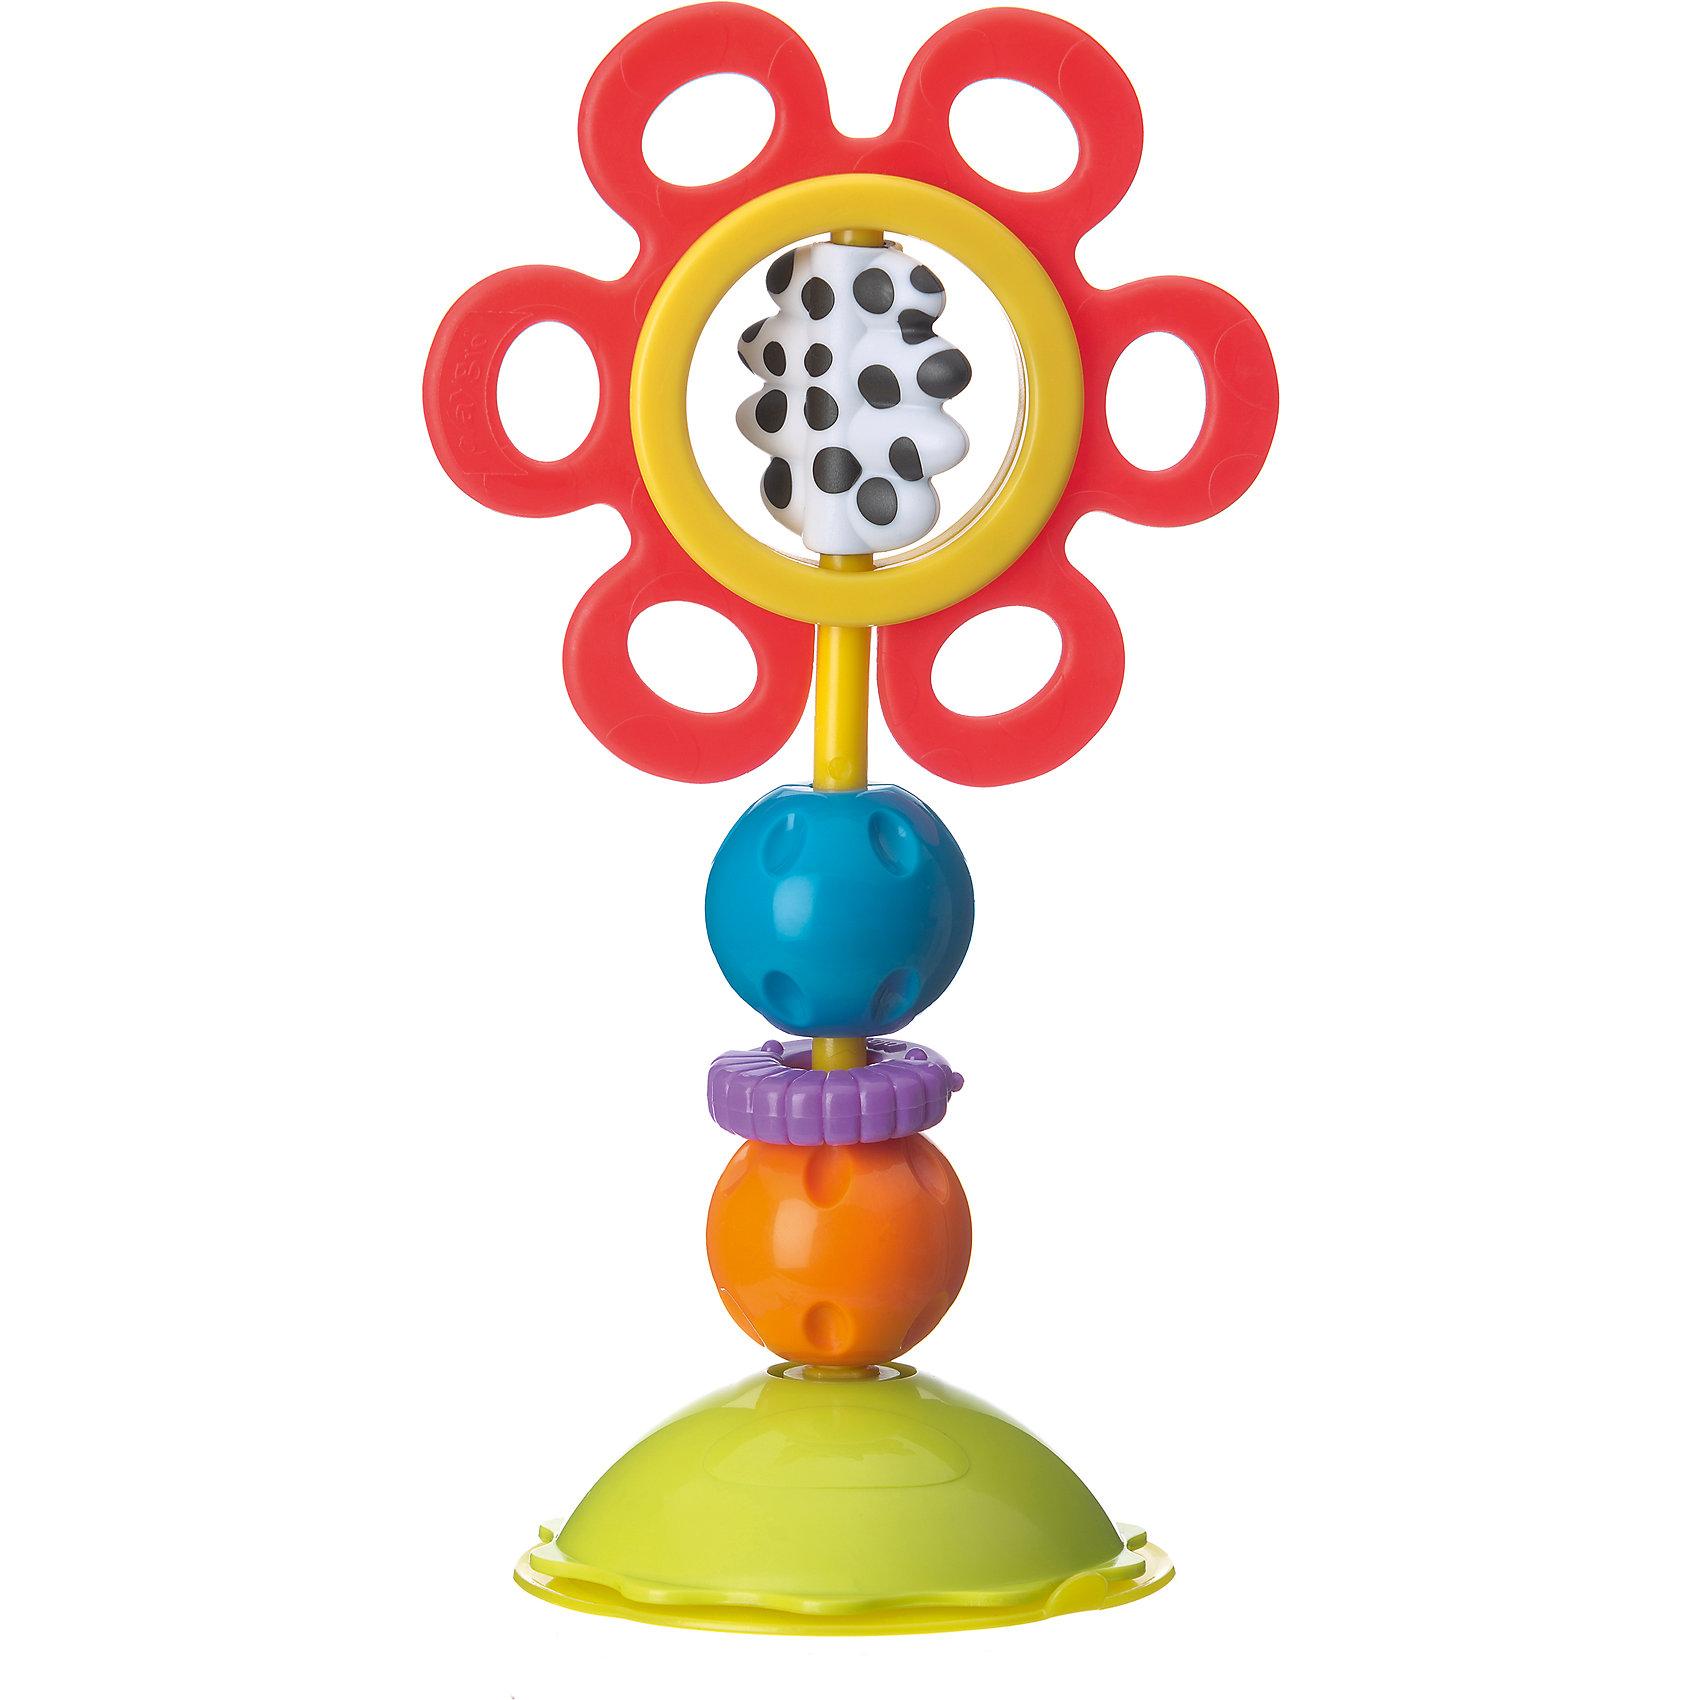 Игрушка-погремушка, PlaygroПогремушки<br>Игрушка легко и надежно крепится к ровной гладкой поверхности. Красный цветок вращается при малейшем прикосновении, изготовлен из мягкого пластика, в период прорезывания зубов малыши с радостью будут грызть его лепестки. Сердцевина выполнена из контрастных черно-белых цветов, представляет собой отдельный элемент, который тоже можно вращать. Разноцветные шарики можно вращать, при этом они издают веселые щелкающие звуки. Фиолетовое кольцо с рифленой поверхностью легко крутится вокруг основания. Игрушка способствует развитию тактильных ощущений, визуального и слухового восприятия, моторики, когнитивных навыков.<br><br>Ширина мм: 160<br>Глубина мм: 100<br>Высота мм: 265<br>Вес г: 198<br>Возраст от месяцев: 0<br>Возраст до месяцев: 12<br>Пол: Унисекс<br>Возраст: Детский<br>SKU: 4440497